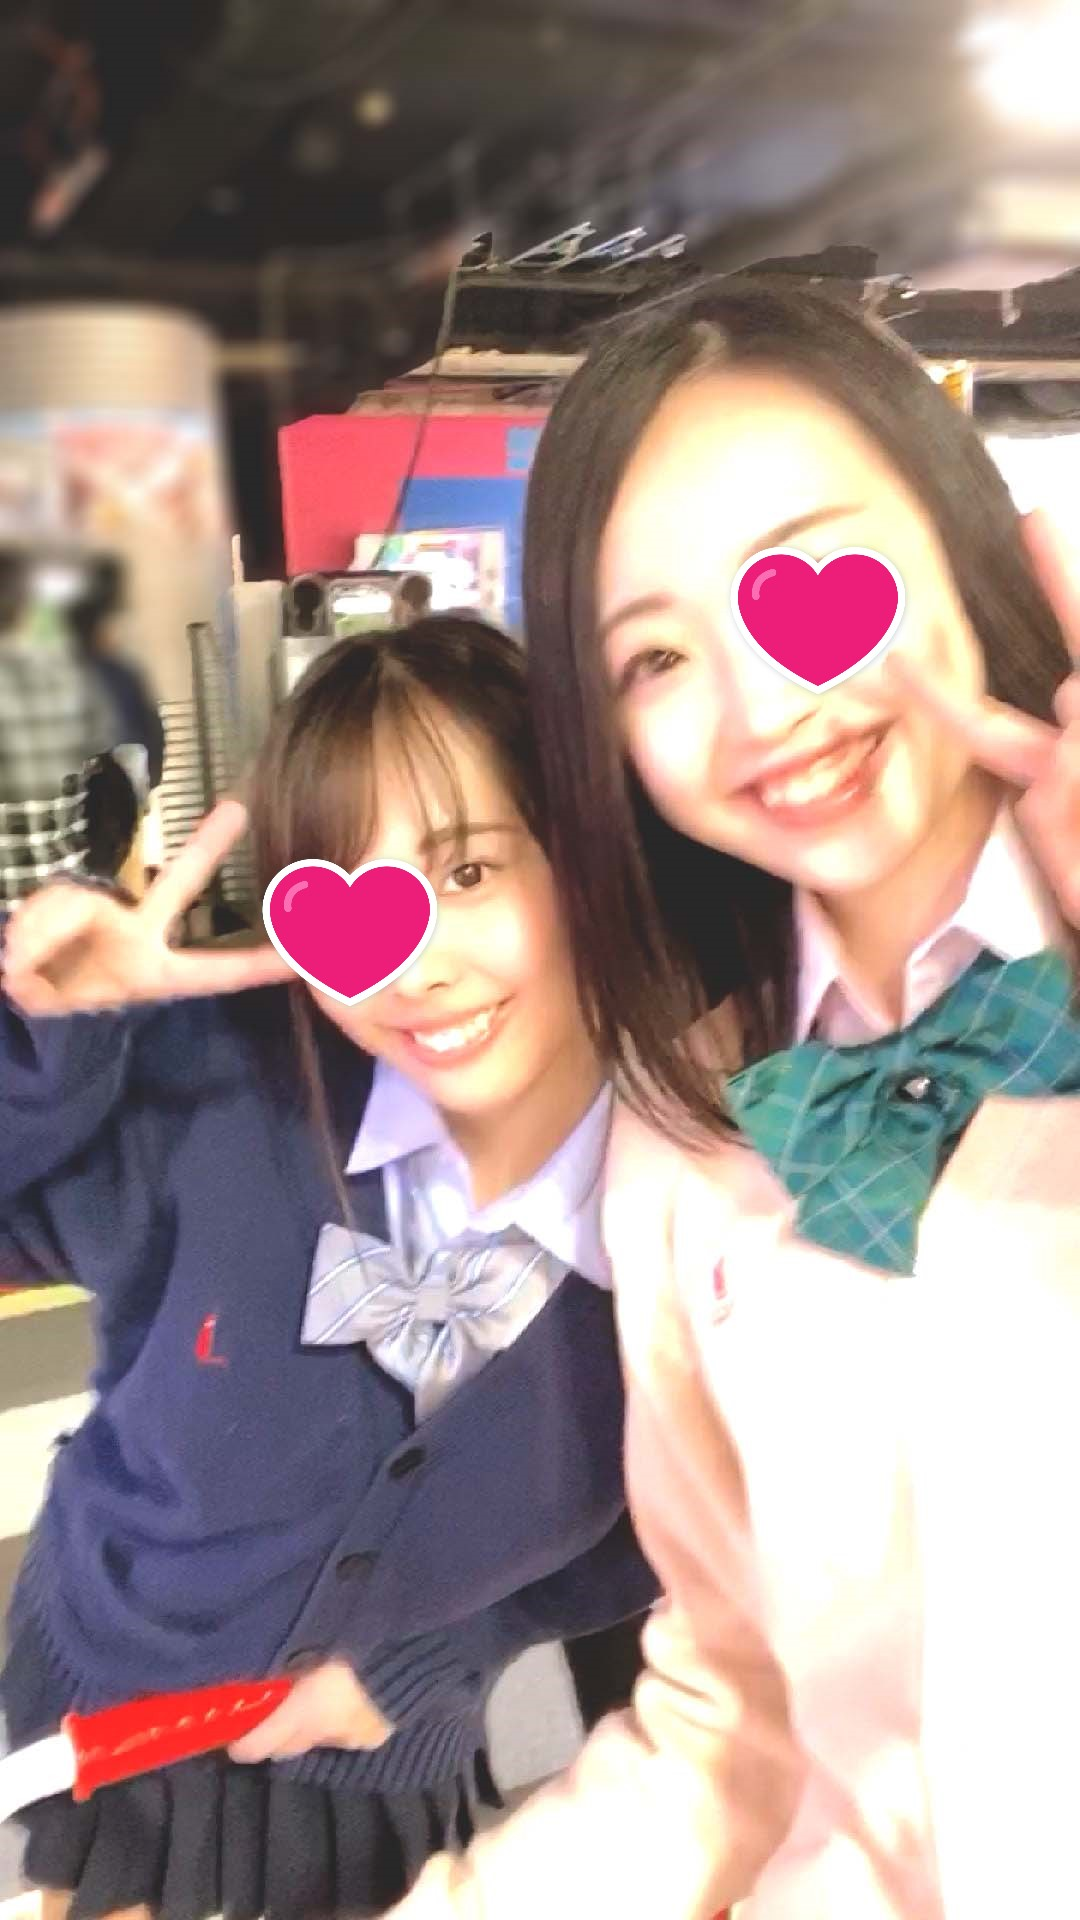 ガチ!可愛い!SS級ロ●J●!!同級生の女友達に撮られたKちゃん2名